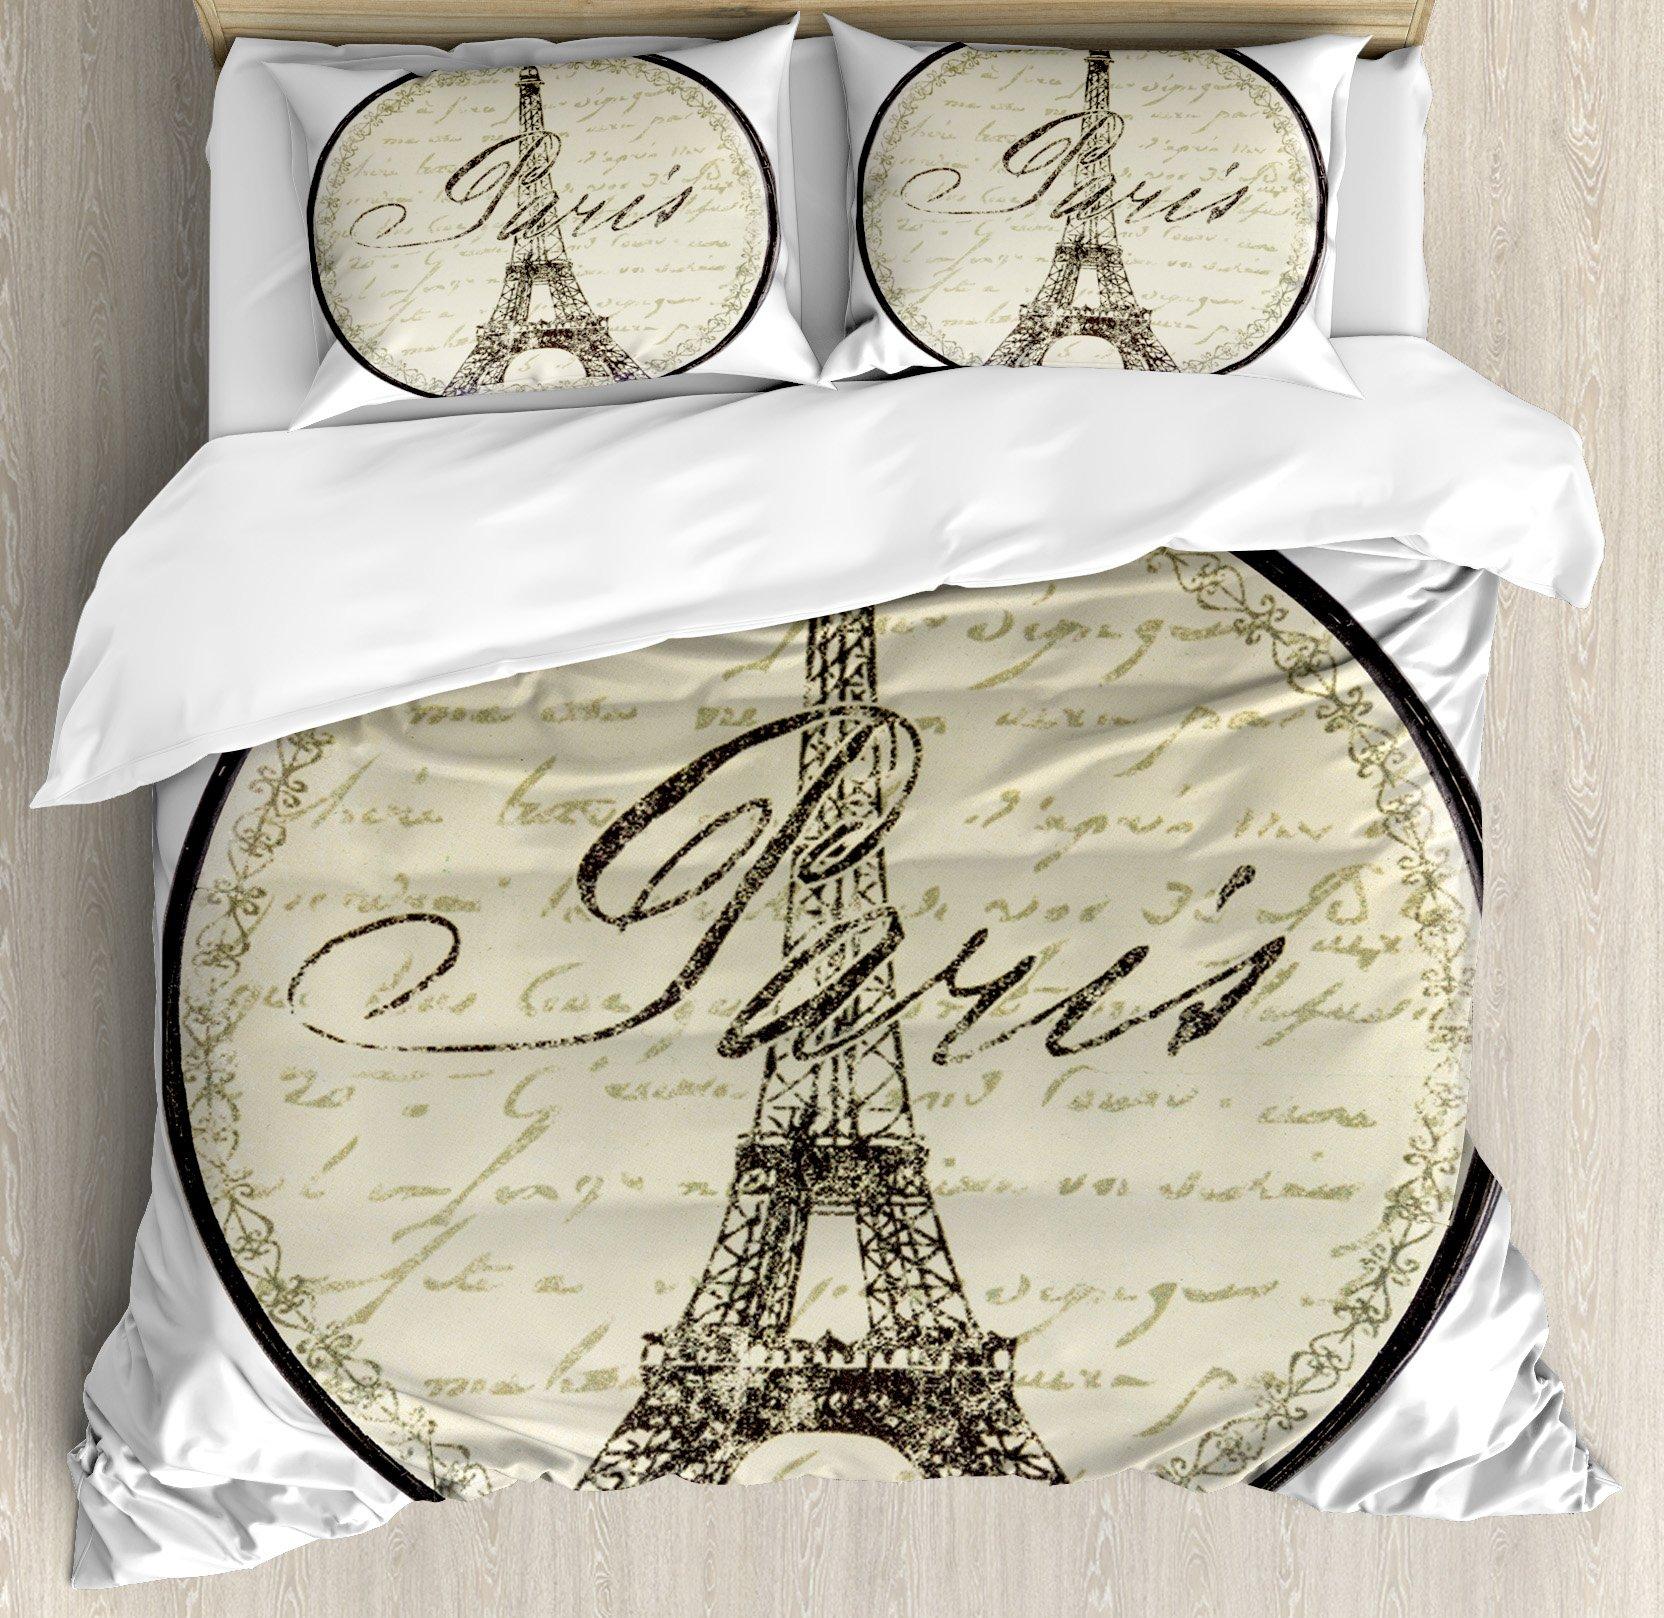 Paris Decor Duvet Cover Set Queen Size by Ambesonne, Vintage Wall Decorative Sign with Paris Theme Interior Famous Landmark Tourism, Decorative 3 Piece Bedding Set with 2 Pillow Shams